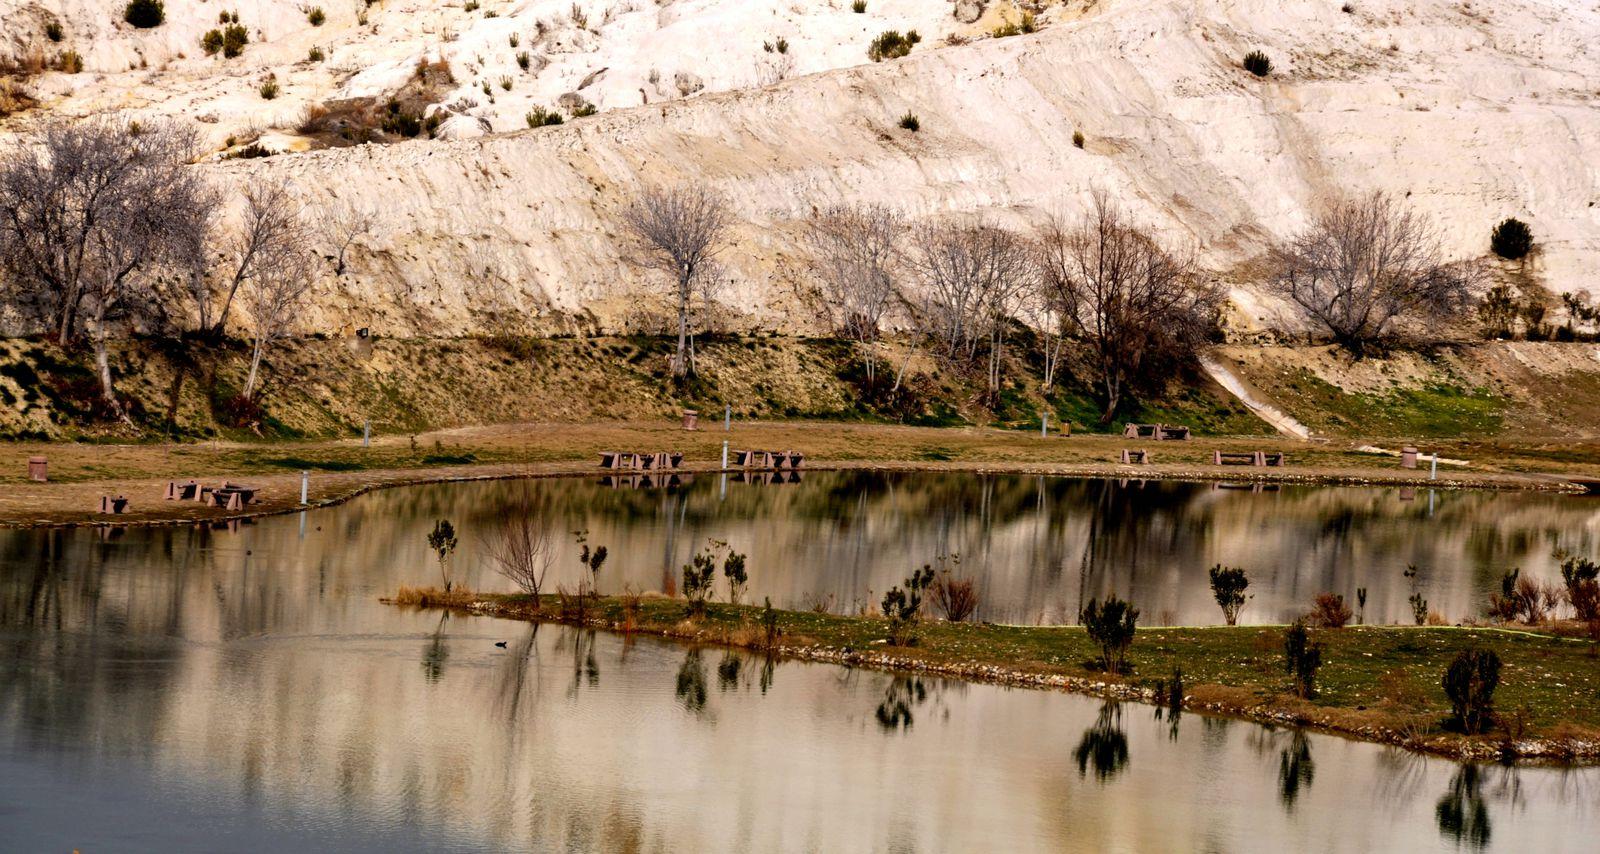 Lieu mythique situé sur le plateau d'Heliopolis dans le sud est de la Turquie en pleine montagne.